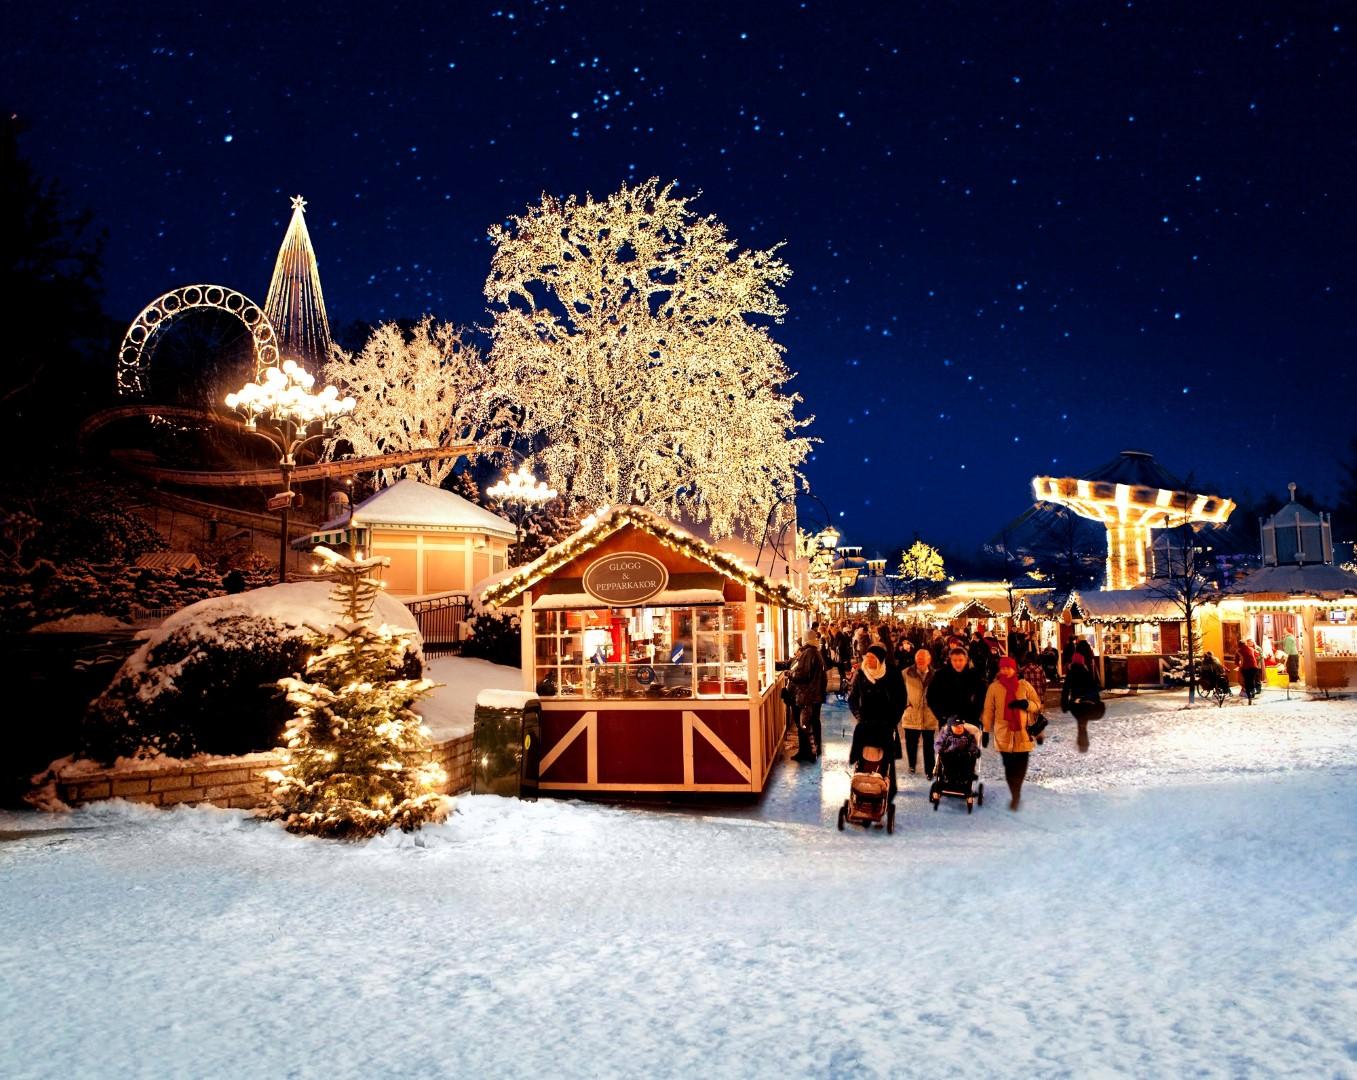 mercadillos navideños Liseberg_lights (Large)